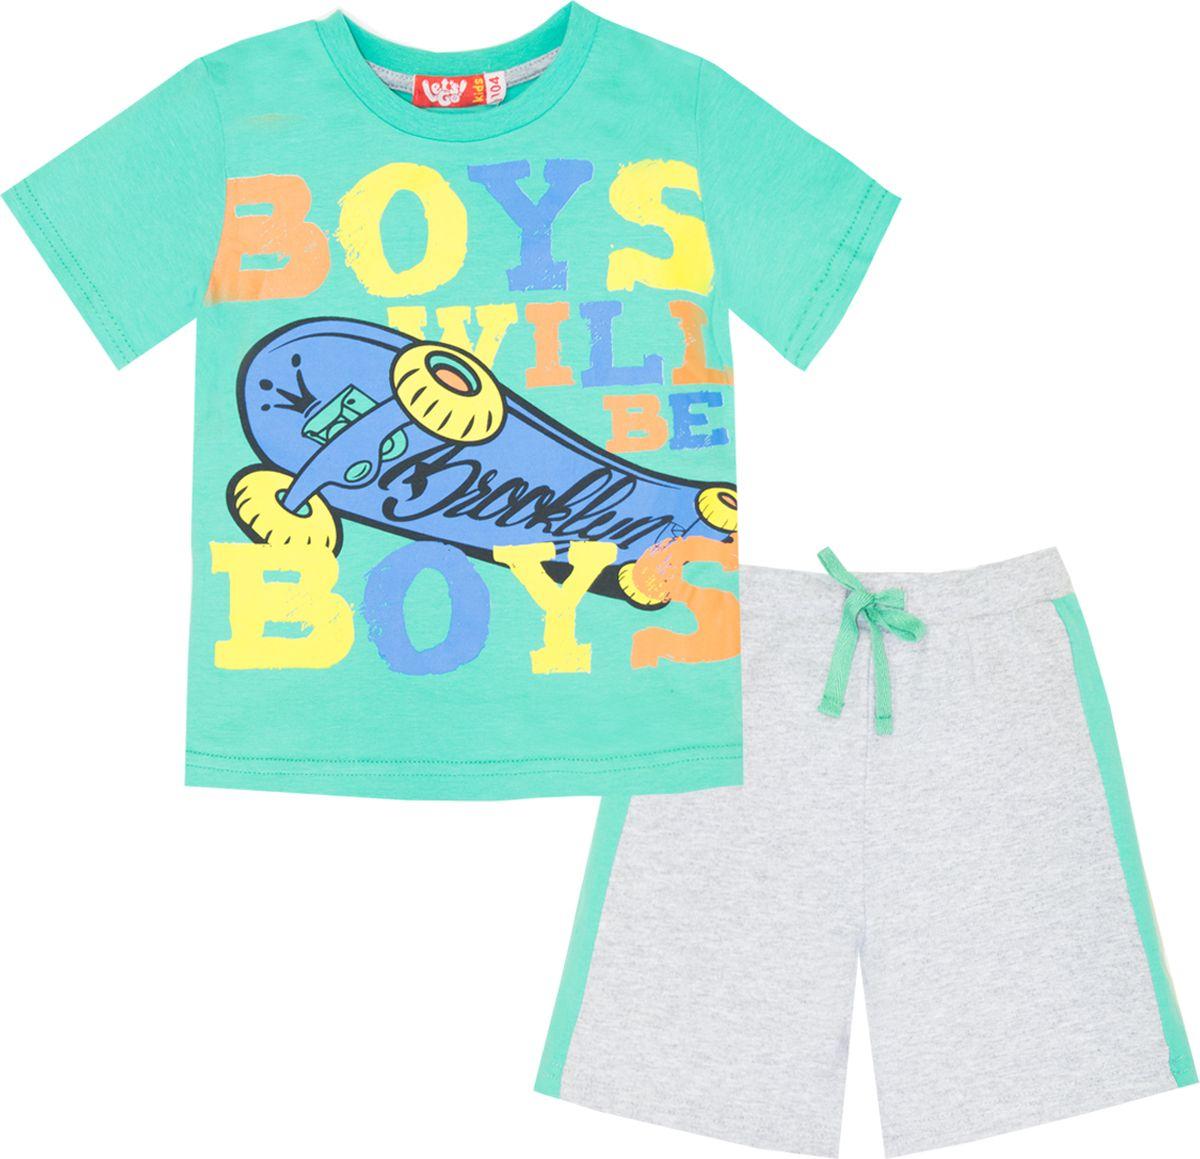 Комплект одежды для мальчика Let's Go: футболка, шорты, цвет: зеленый, серый. 4219. Размер 98 футболка rabe klingel цвет зеленый серый рисунок